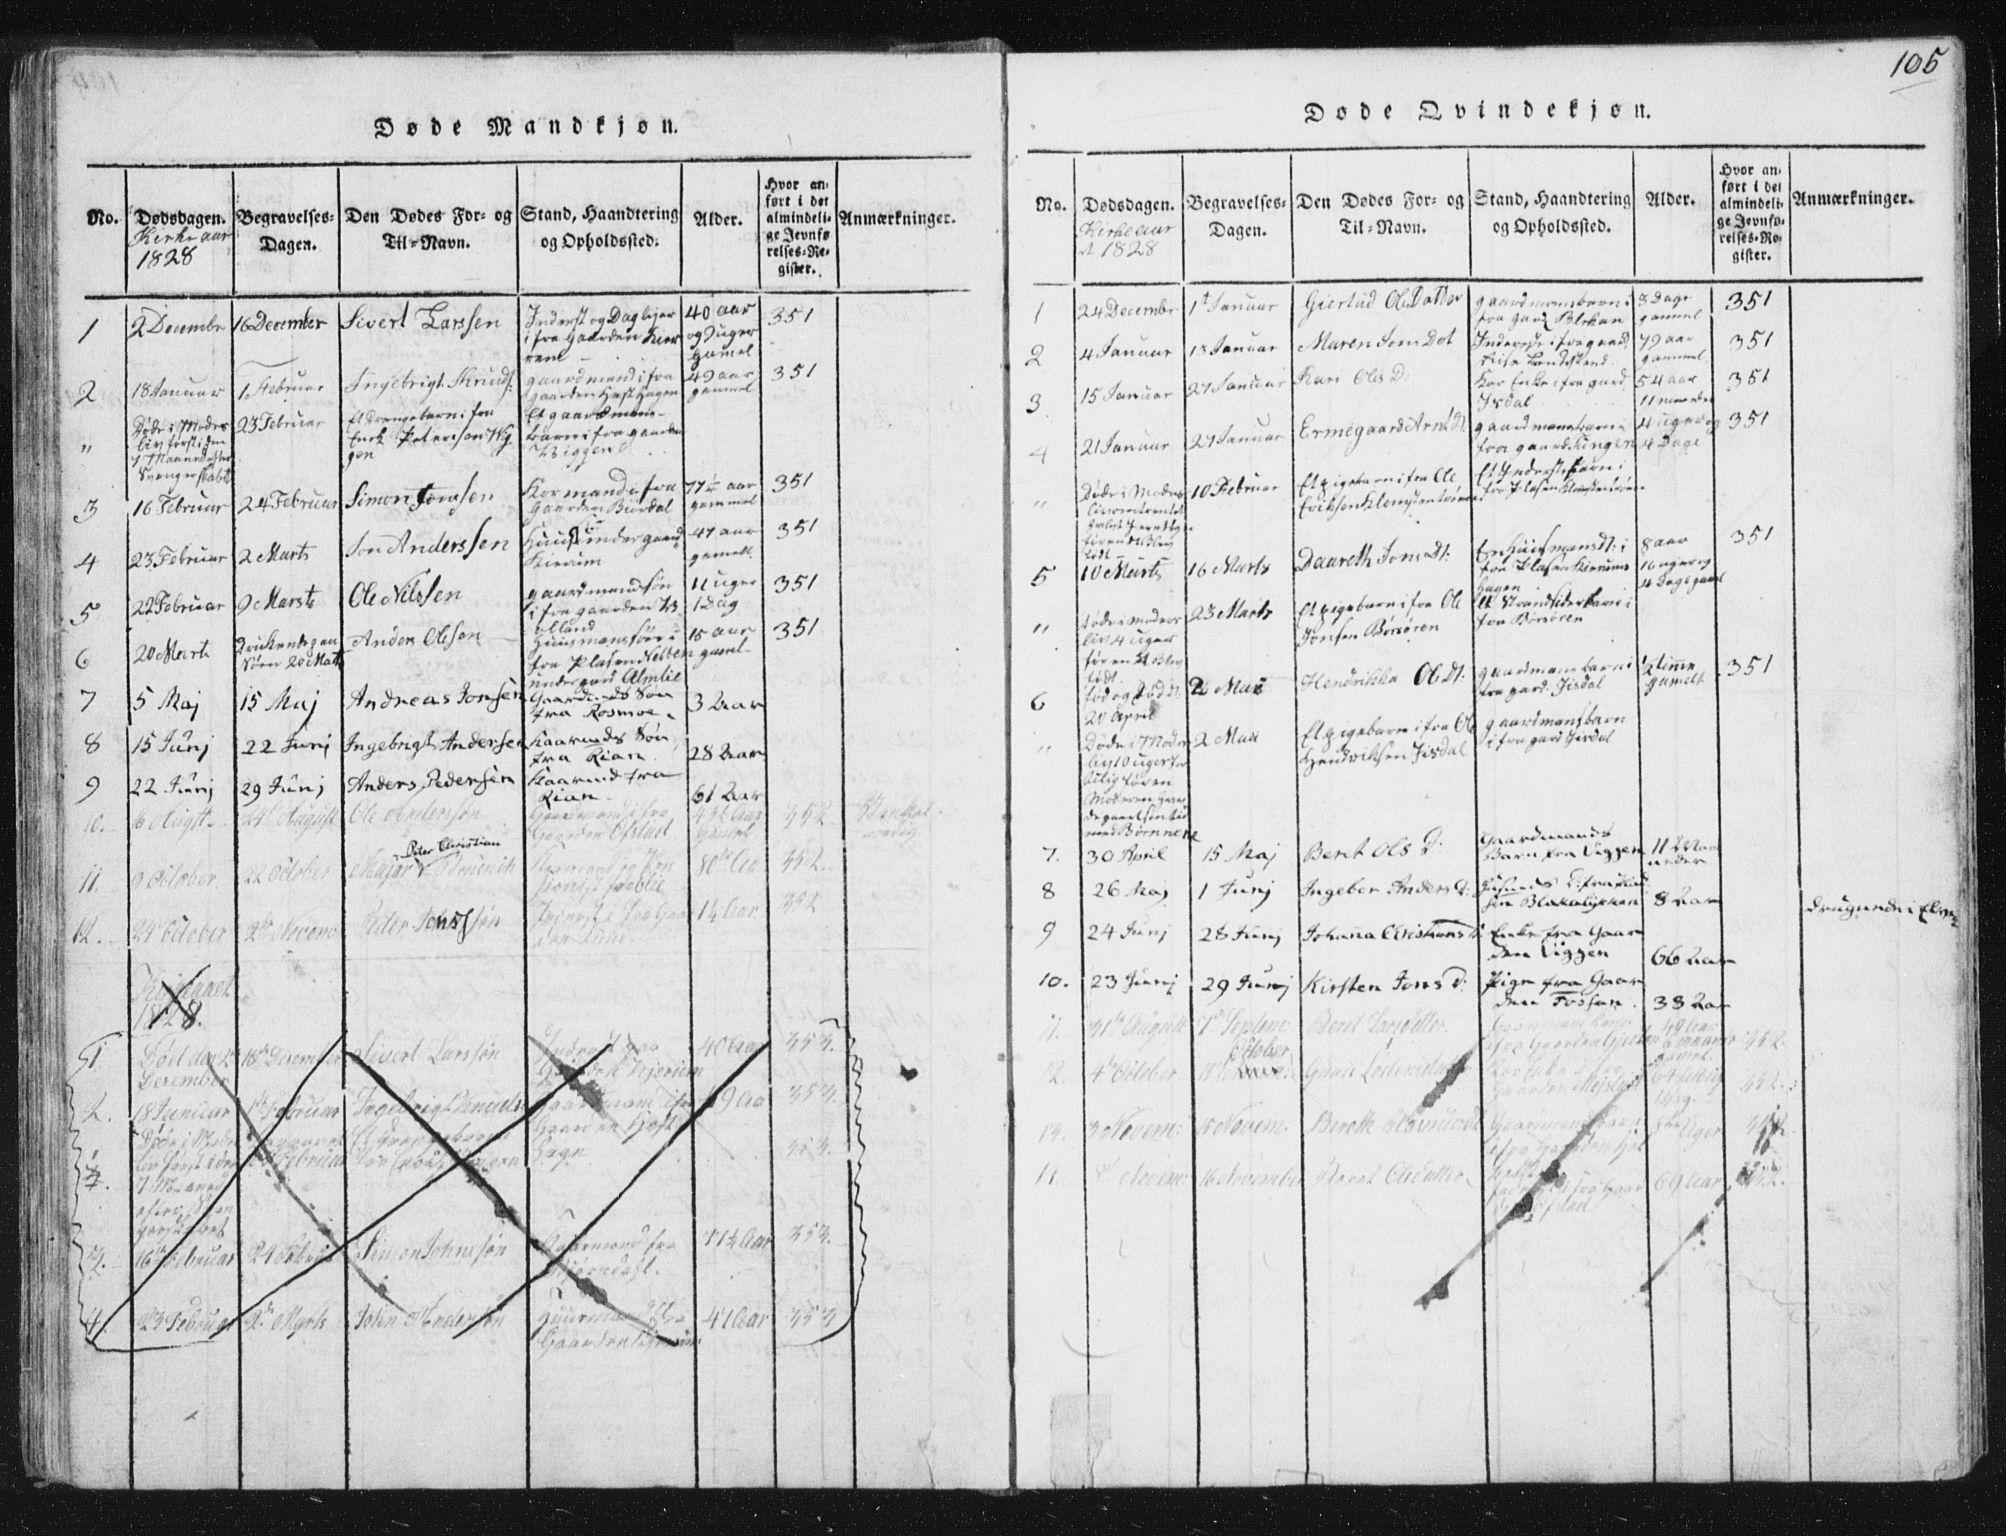 SAT, Ministerialprotokoller, klokkerbøker og fødselsregistre - Sør-Trøndelag, 665/L0770: Ministerialbok nr. 665A05, 1817-1829, s. 105